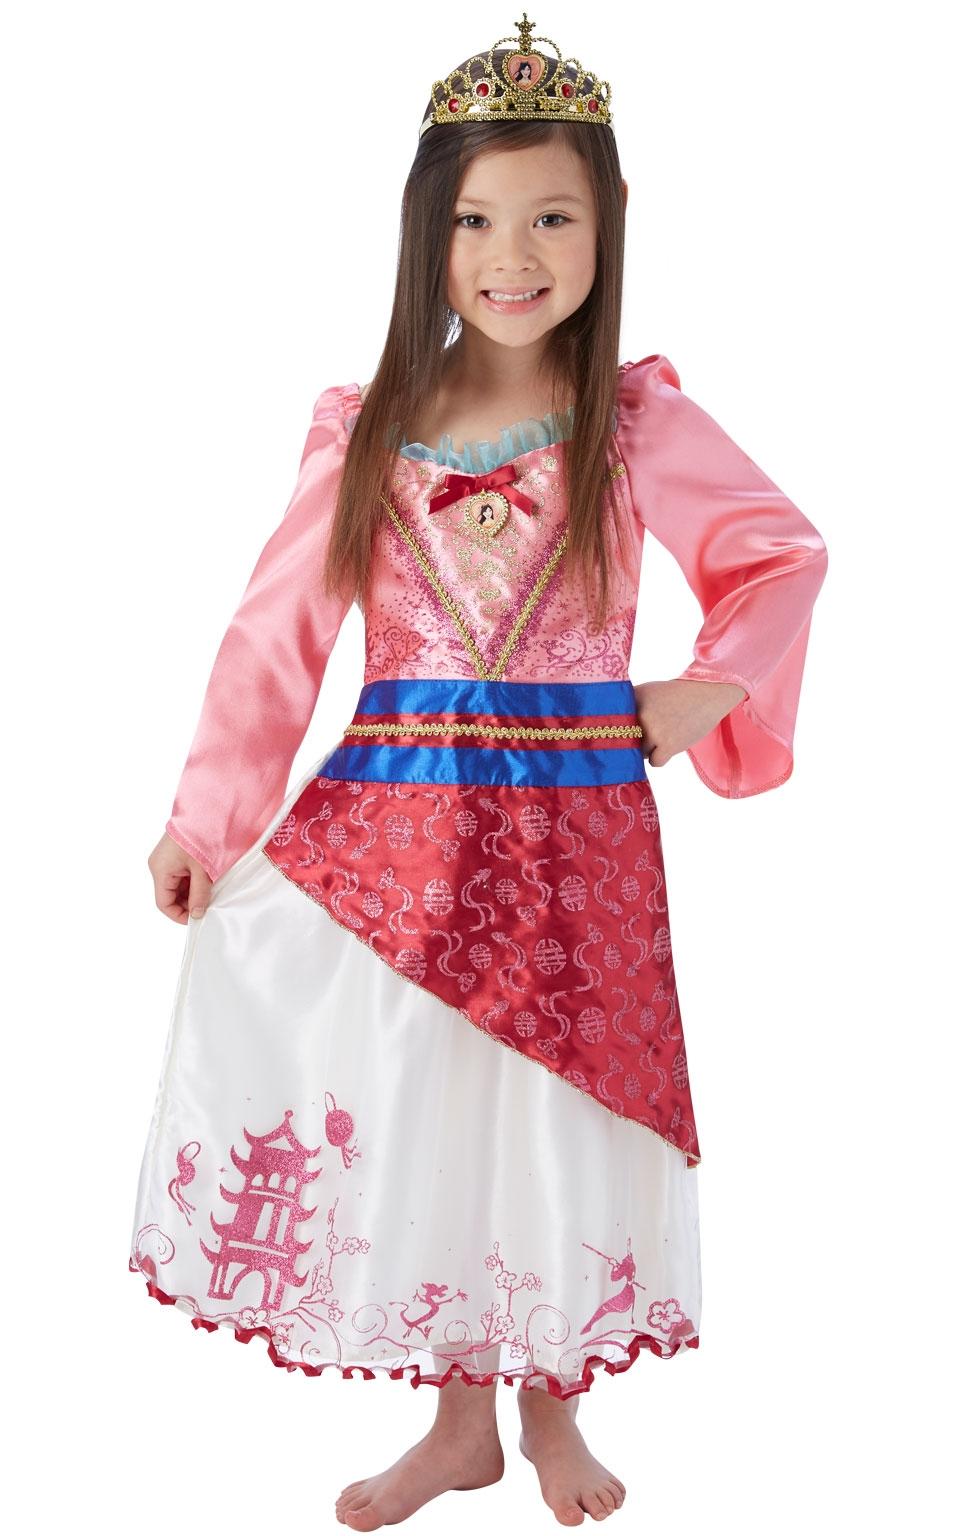 цены на Костюм принцессы Мулан (30-32) в интернет-магазинах